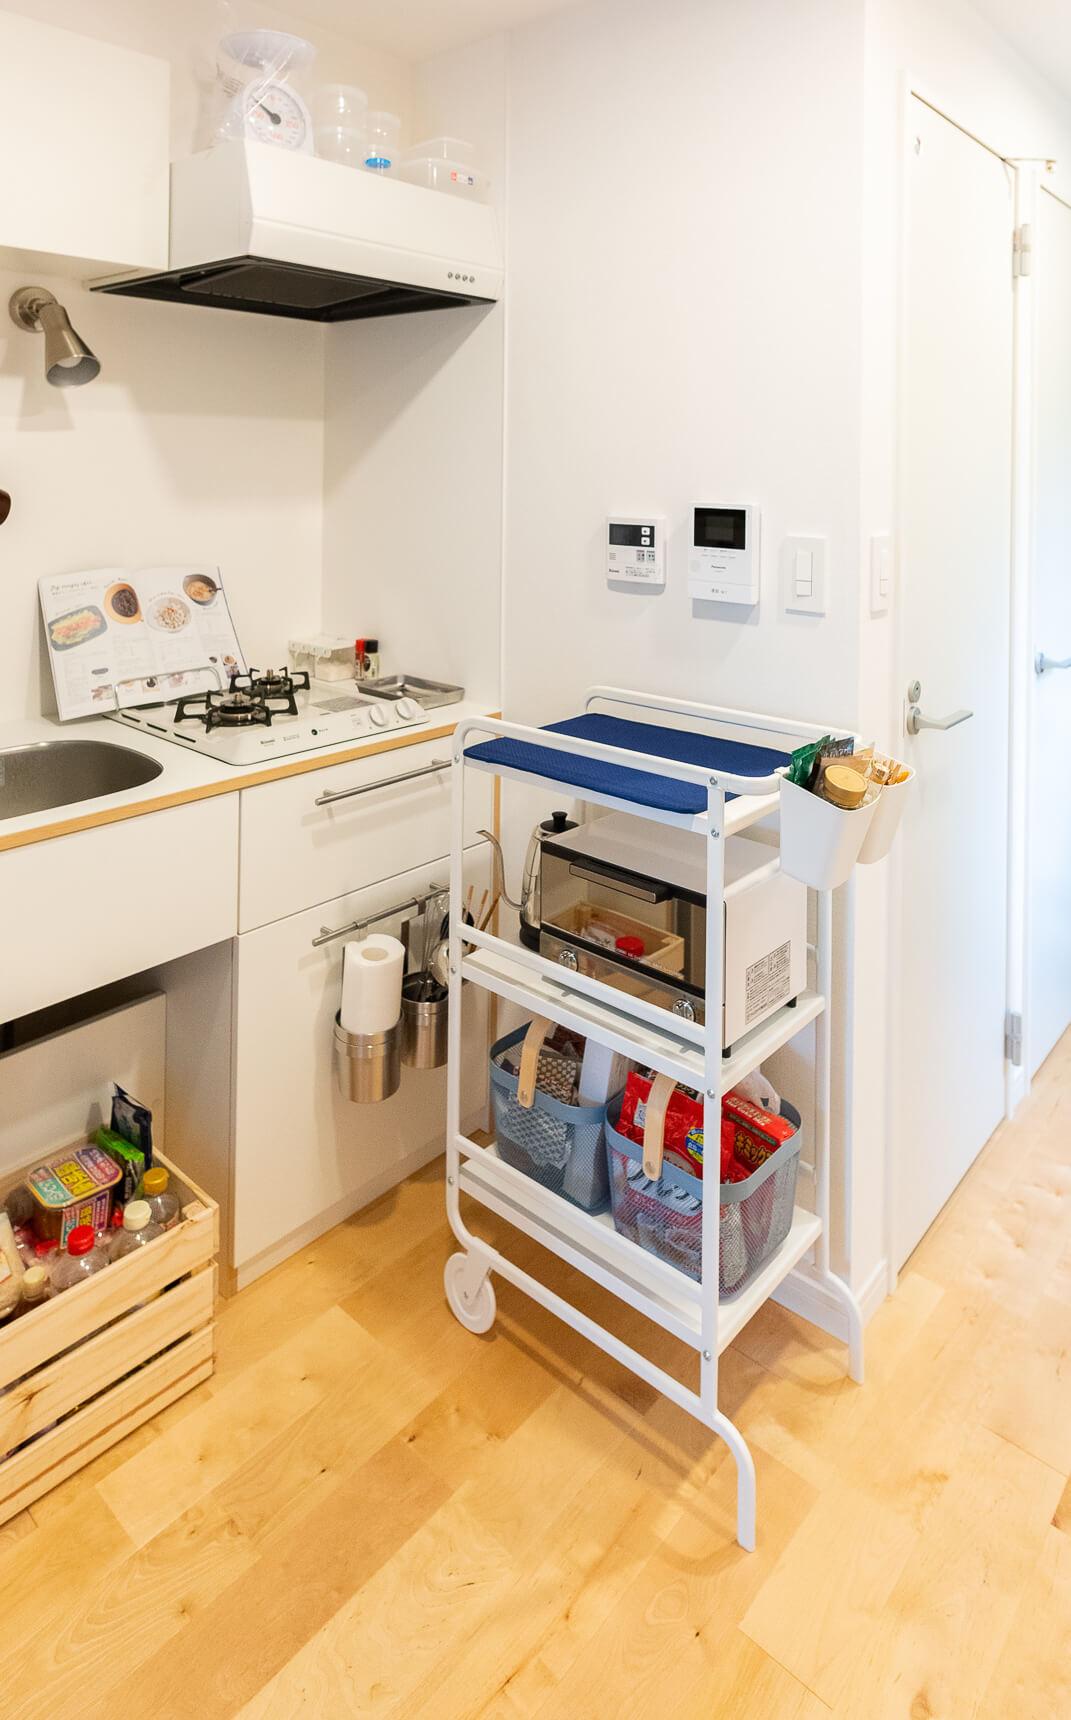 収納にもなり、上は作業台にもなるキッチンワゴンは、狭いキッチンの強い味方。大谷さんのお部屋では、IKEAのキッチンワゴンにシートを載せて、水切り用のスペースとして活用していました。(このお部屋はこちら)